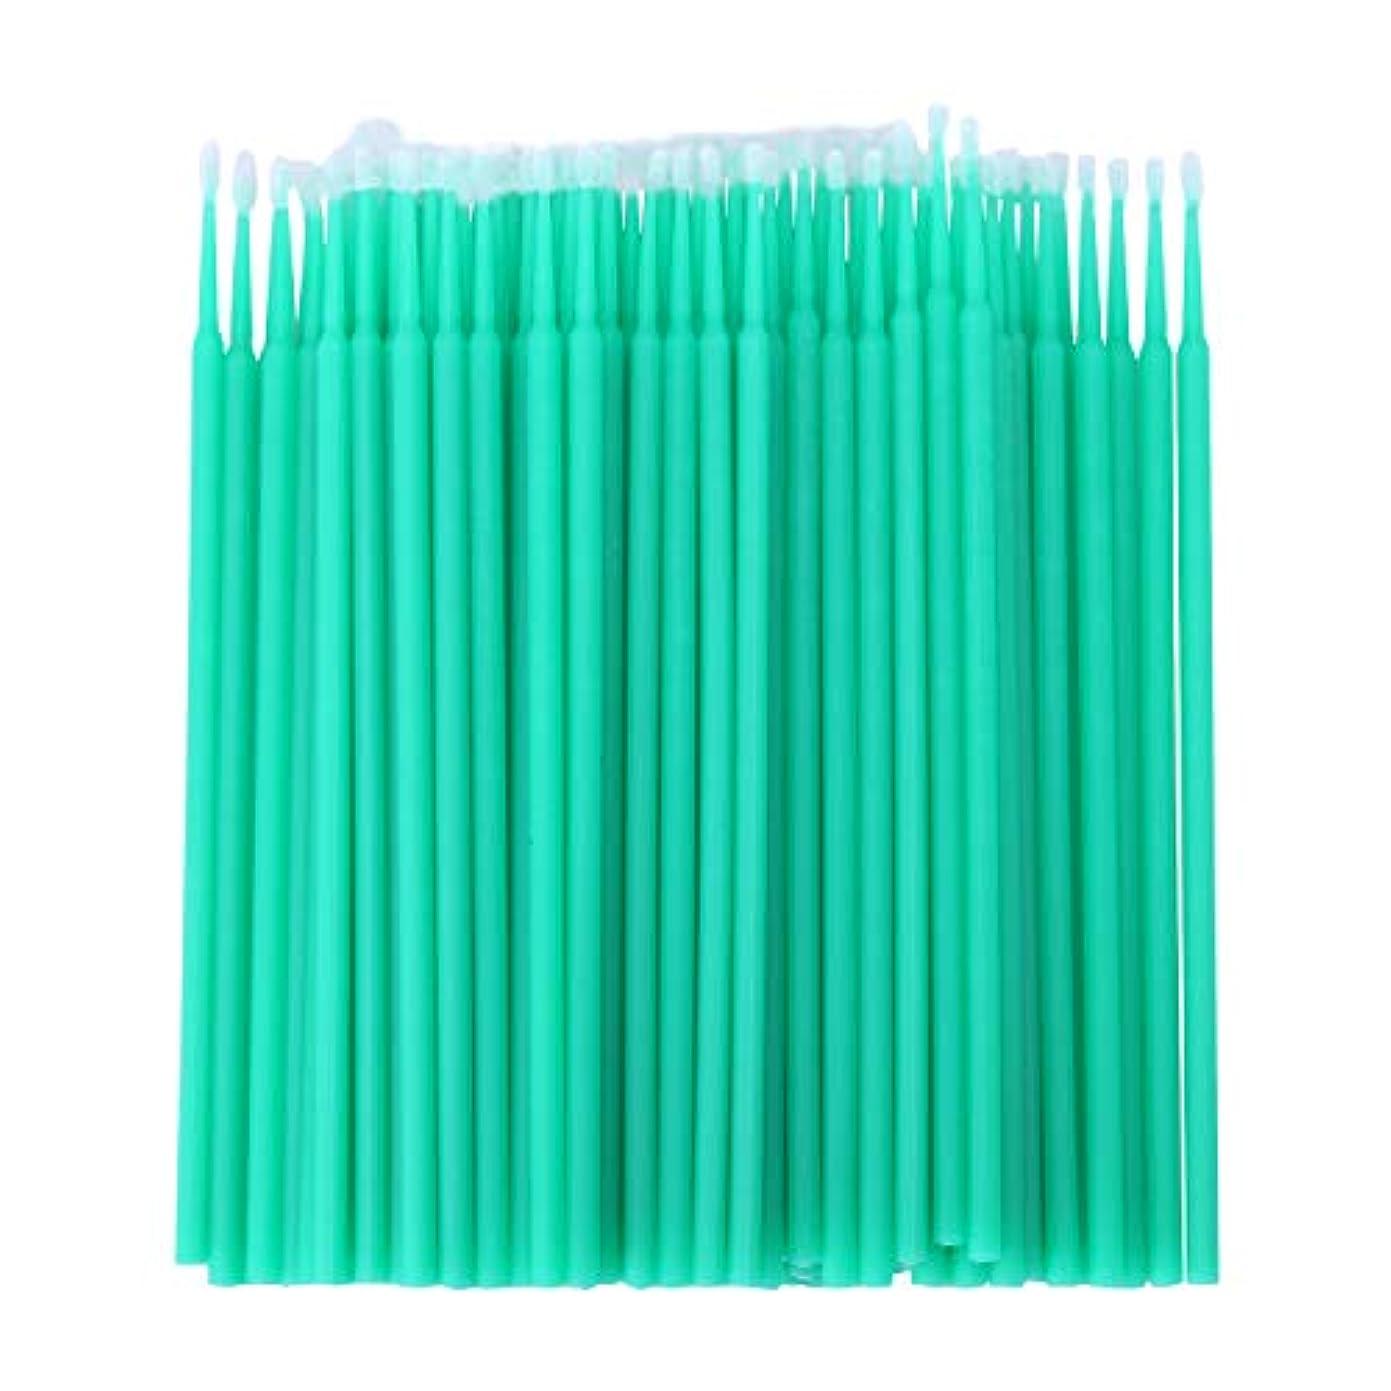 メールチャネル風邪をひくWOVELOT 100個 歯科用マイクロブラシ 使い捨て材料 歯用アプリケーター ミディアムファイン(ライトグリーン)